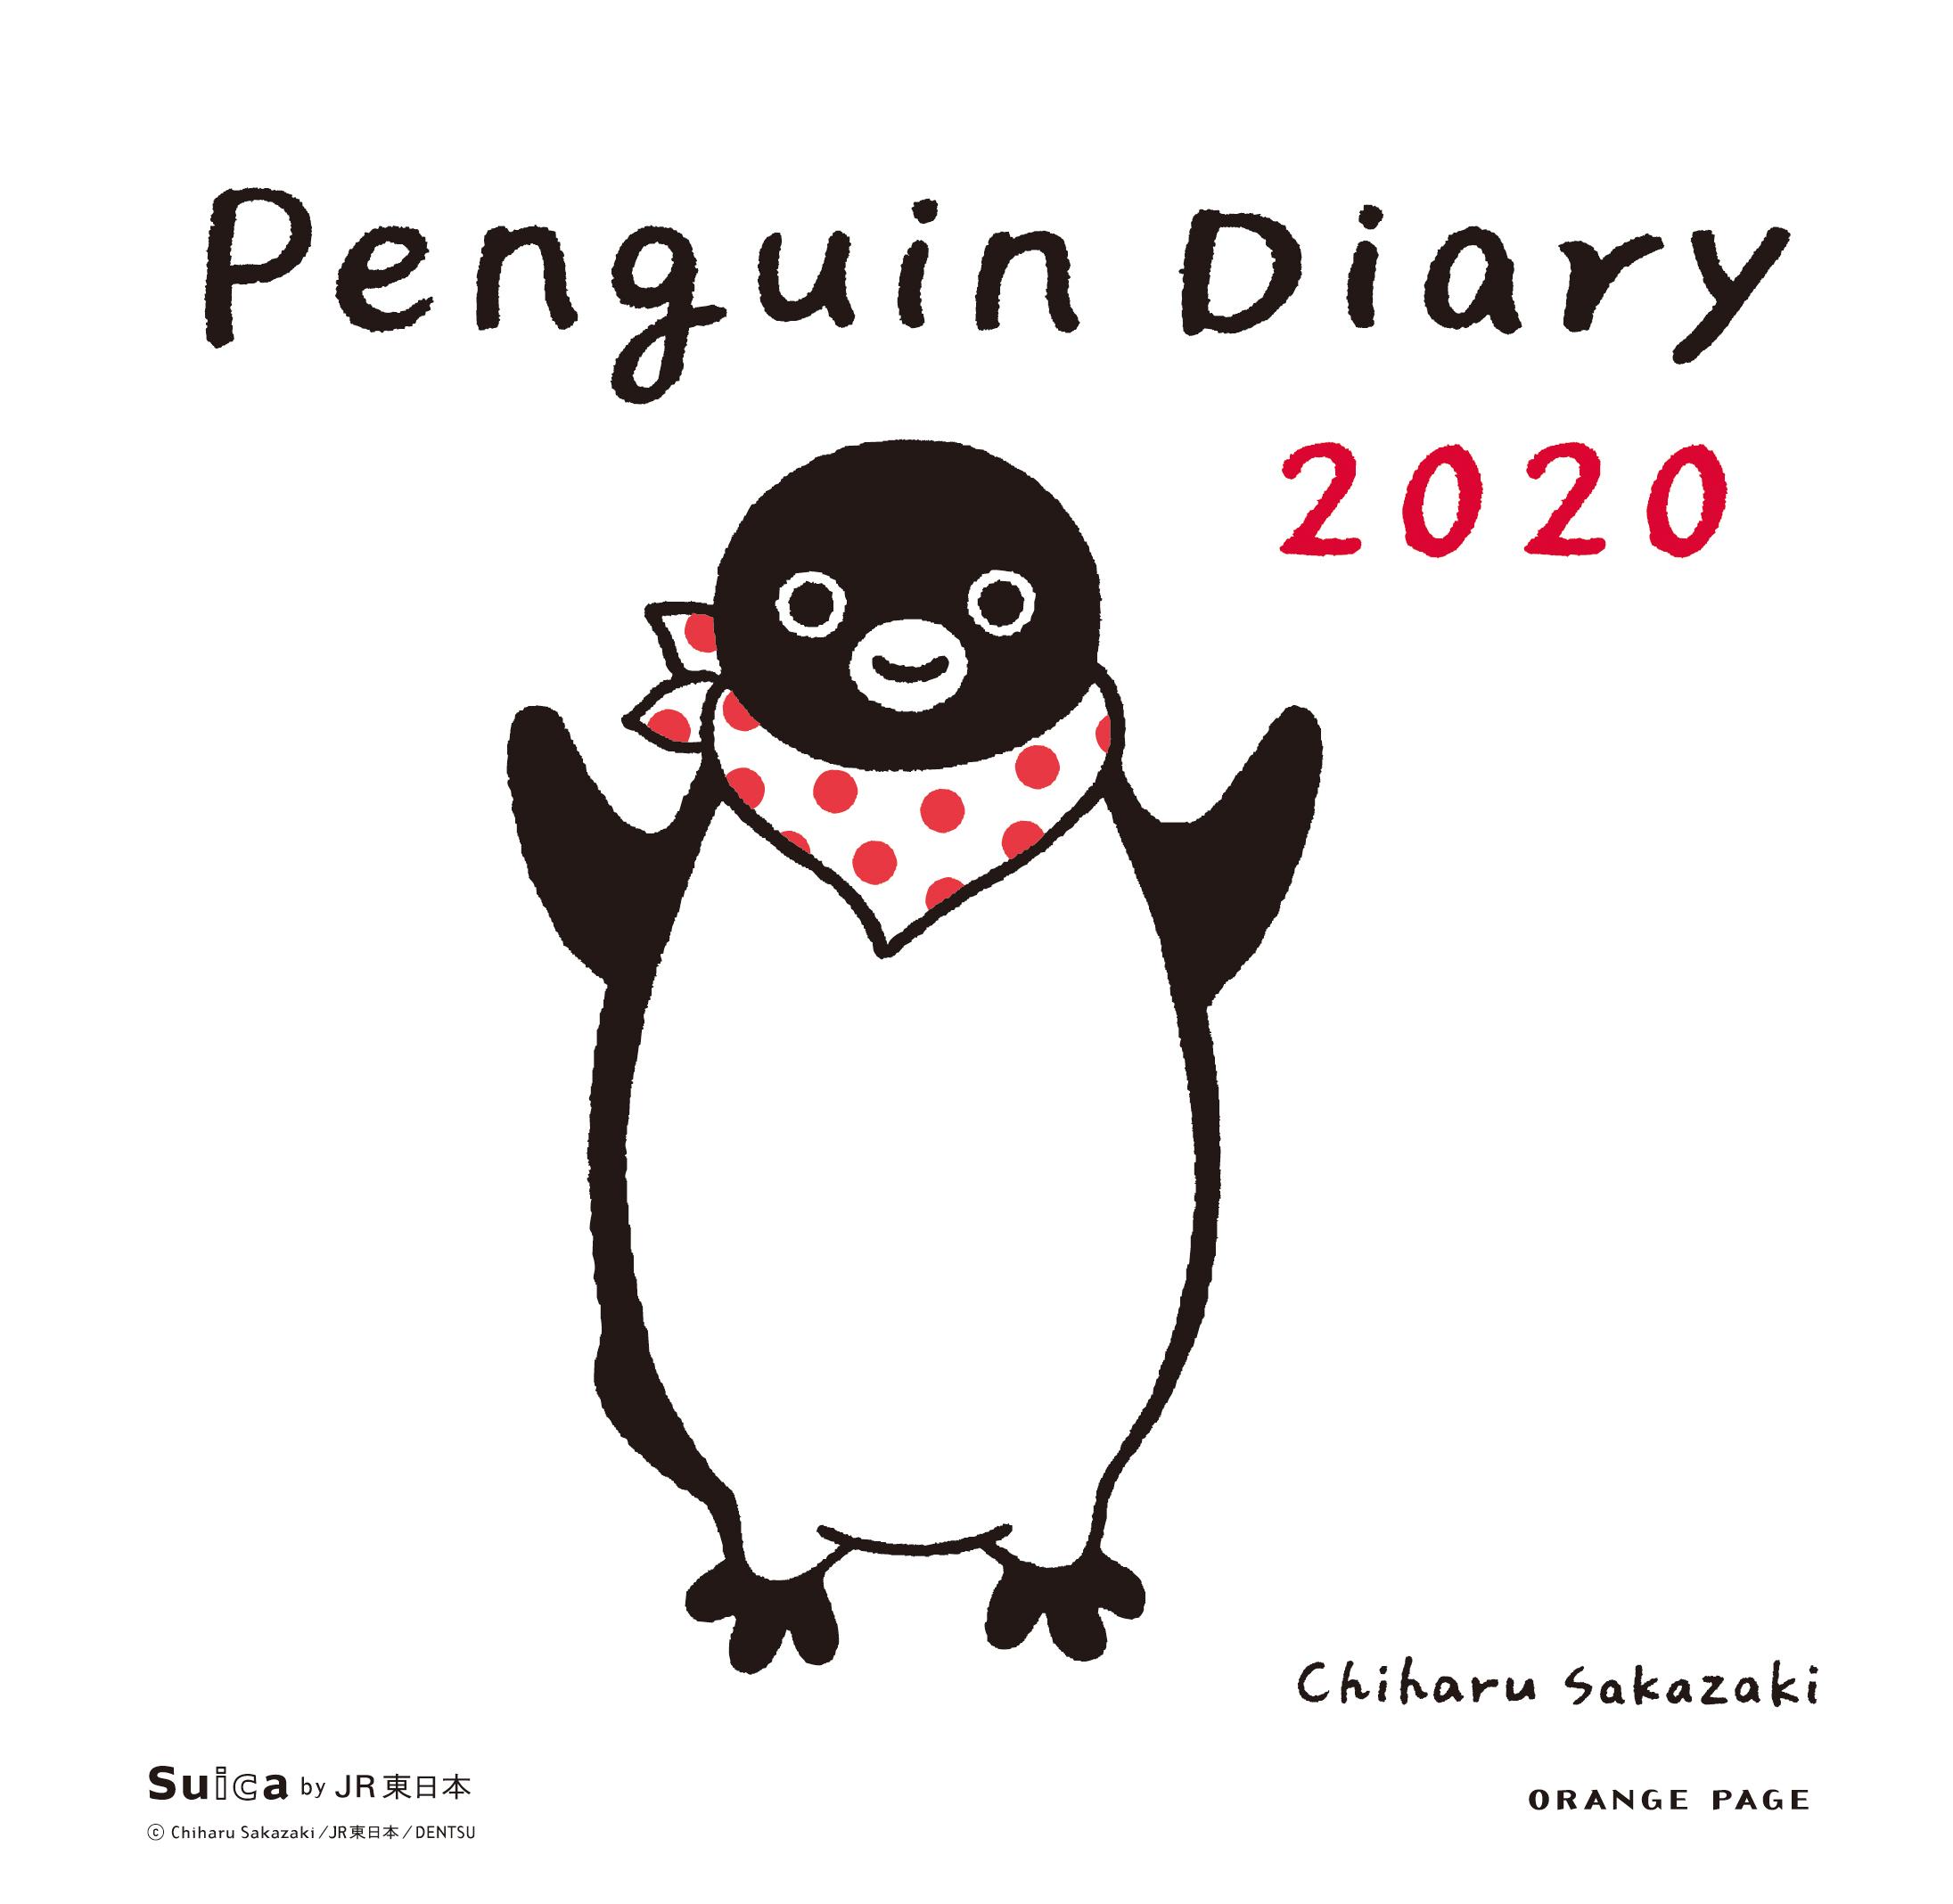 最良かつ最も包括的な Suica ペンギン イラスト よくネット